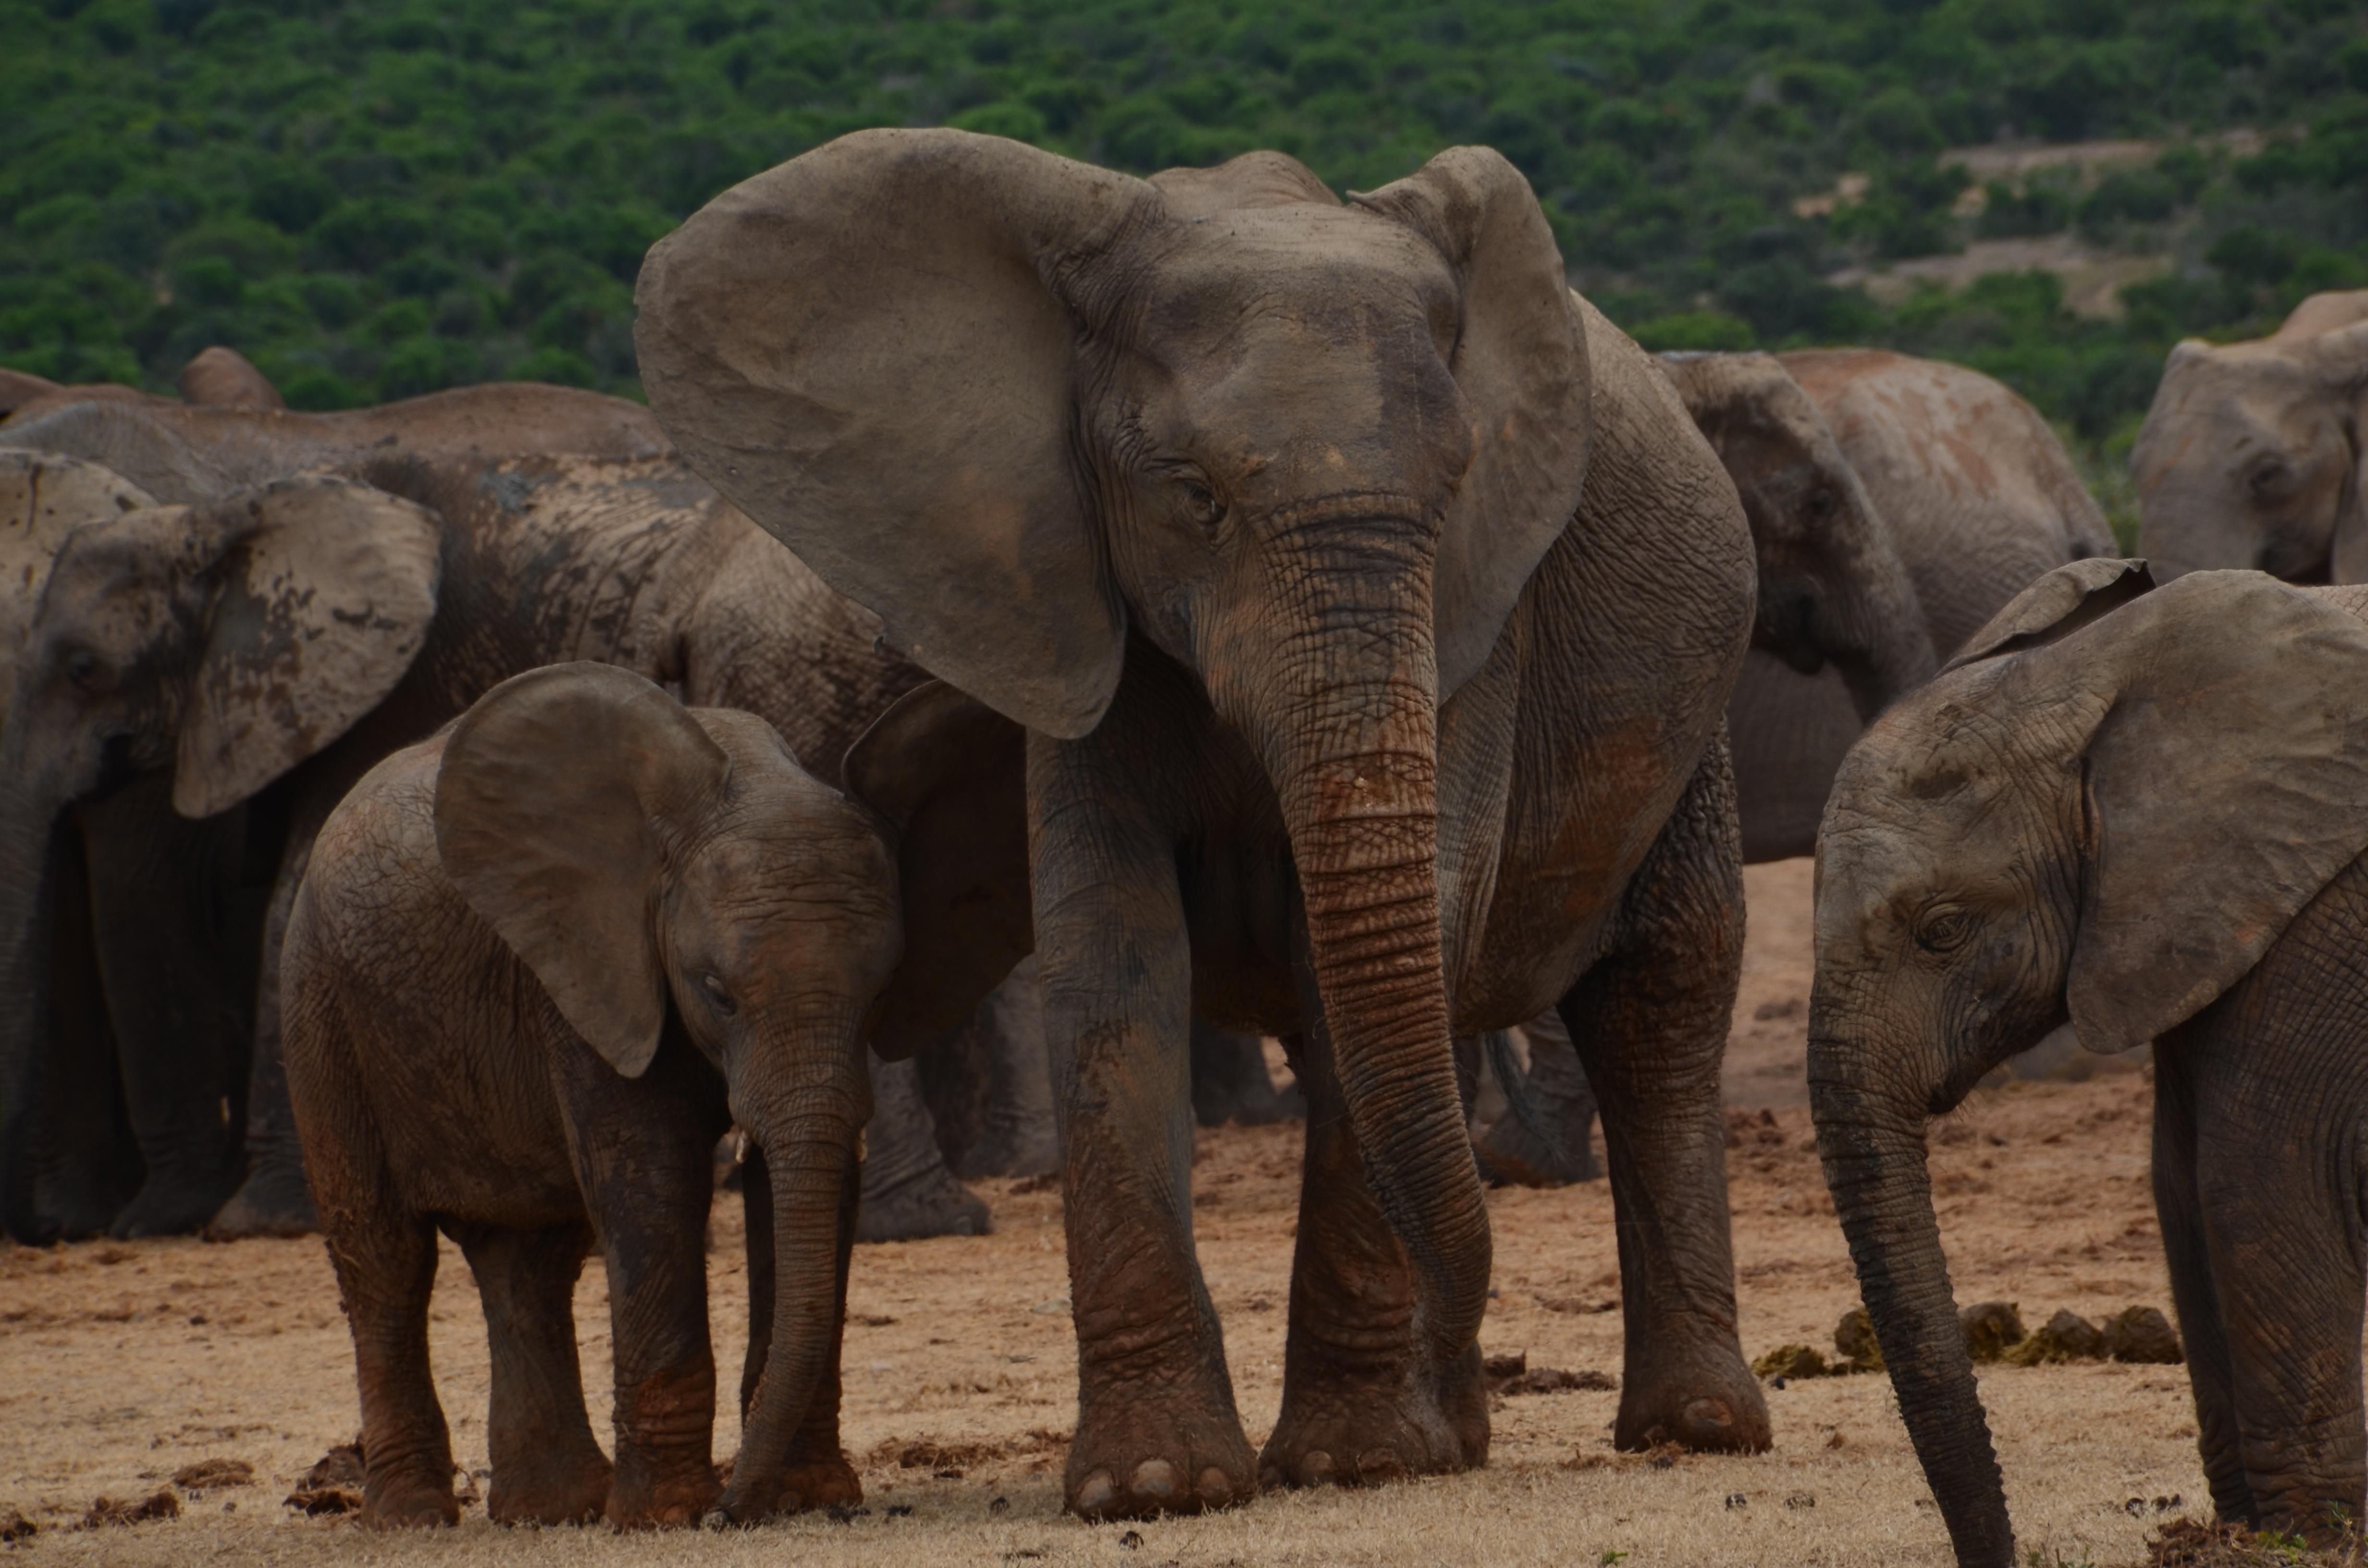 Images gratuites aventure troupeau afrique mammif re savane l phant animal sauvage - Photos d elephants gratuites ...